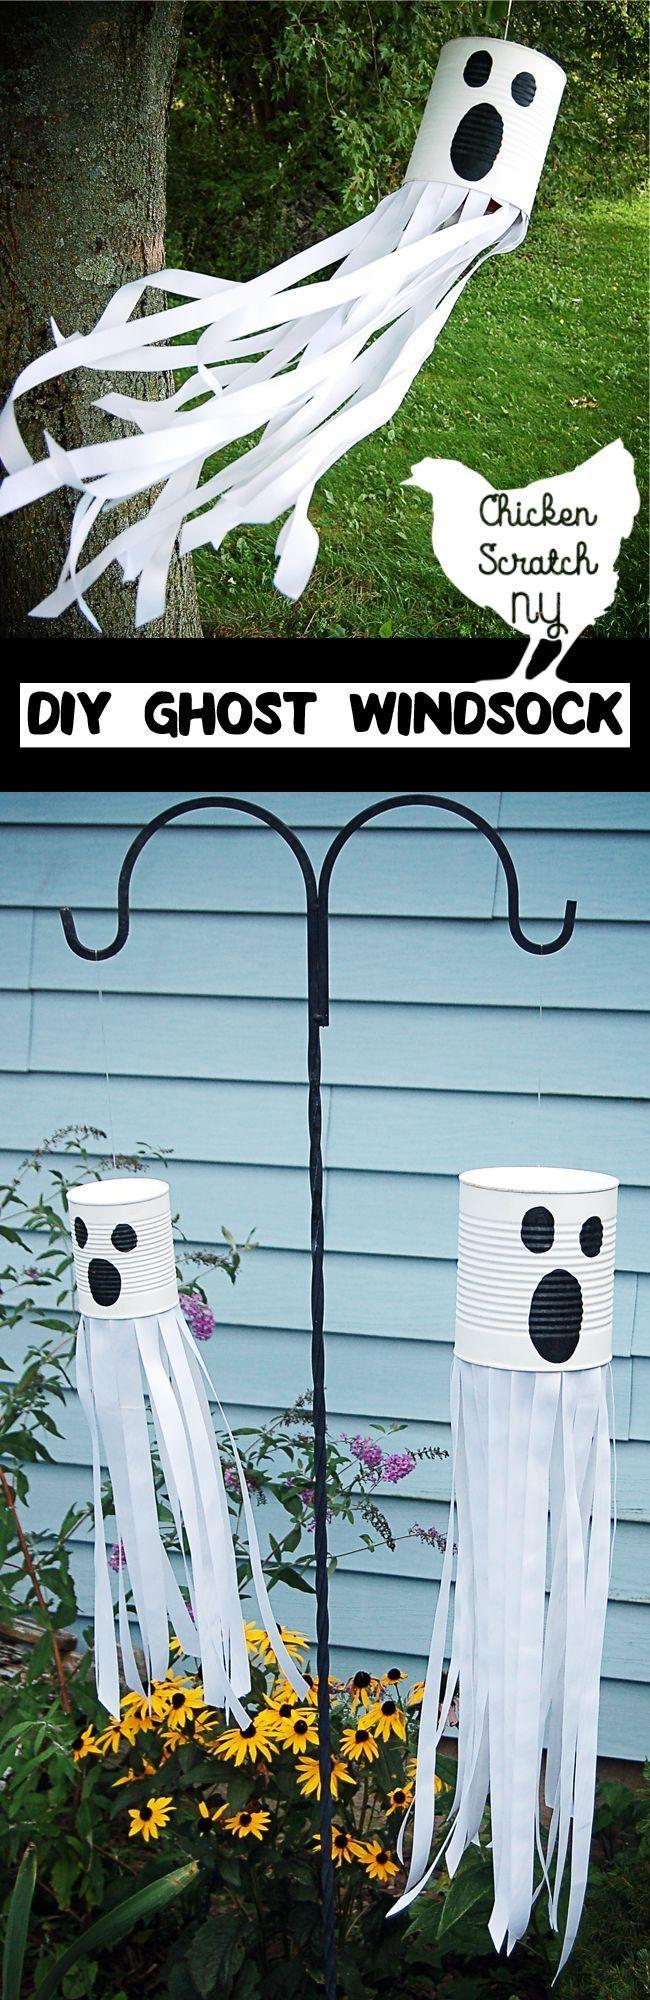 101 Spooky Indoor & Outdoor Halloween Decoration Ideas